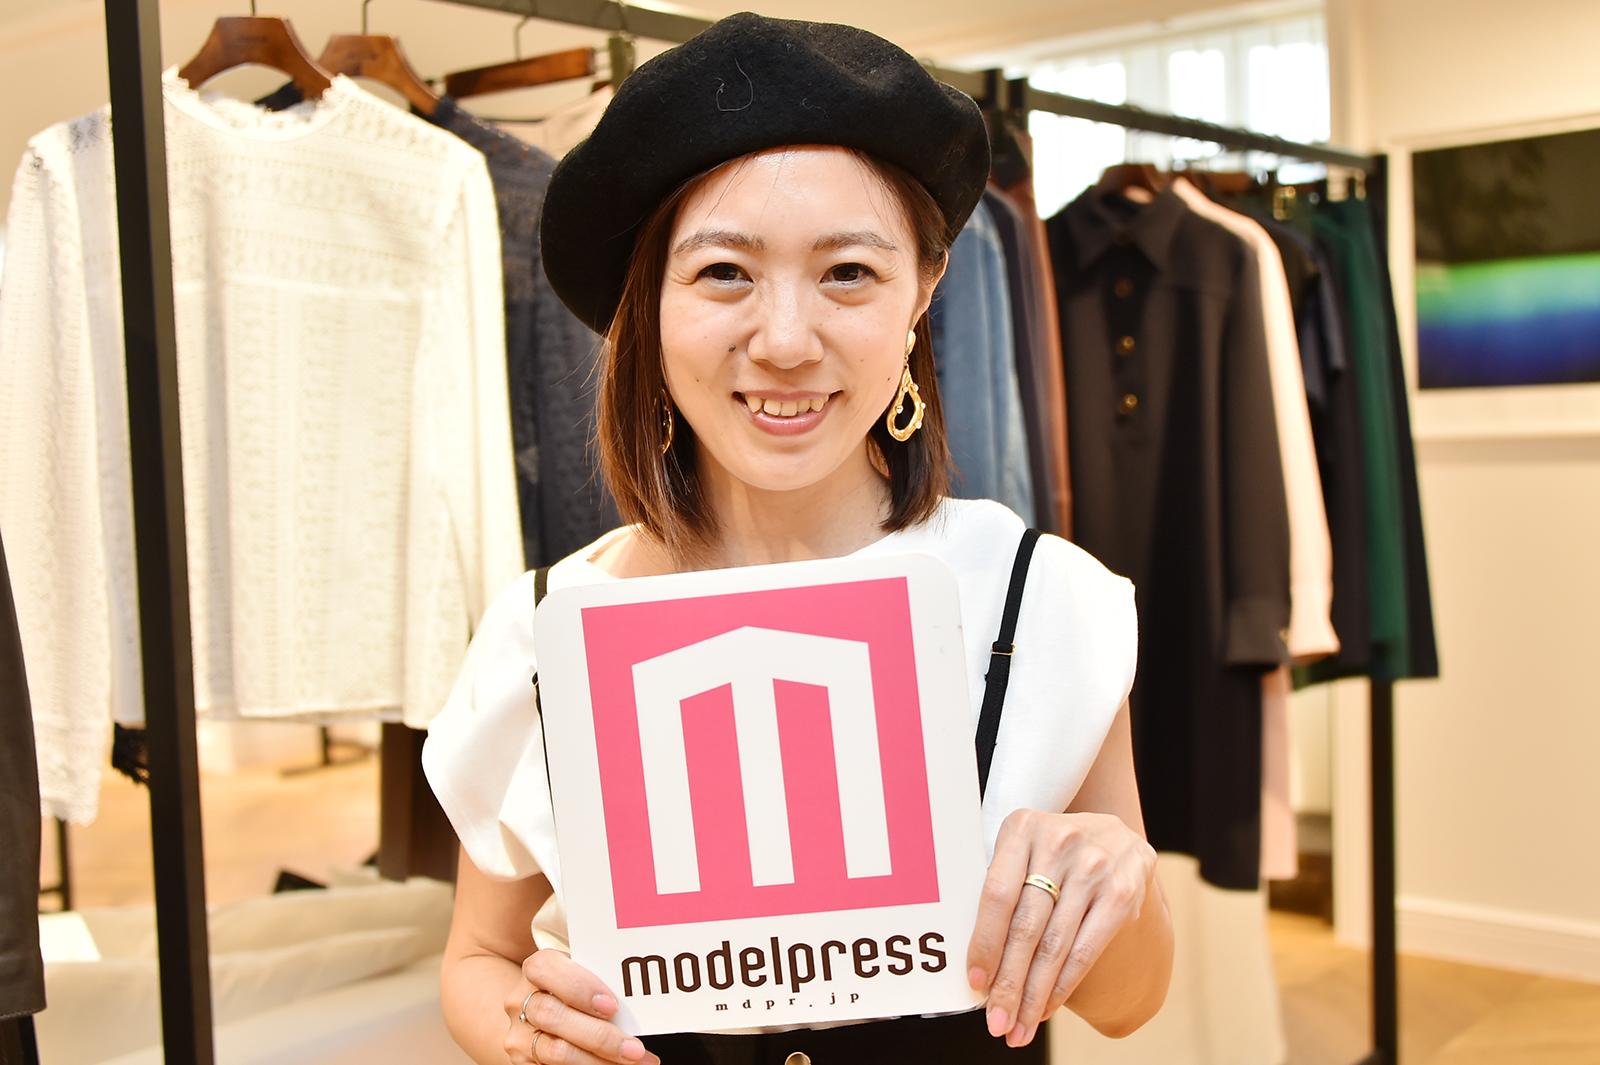 戸松万記さん(C)モデルプレス